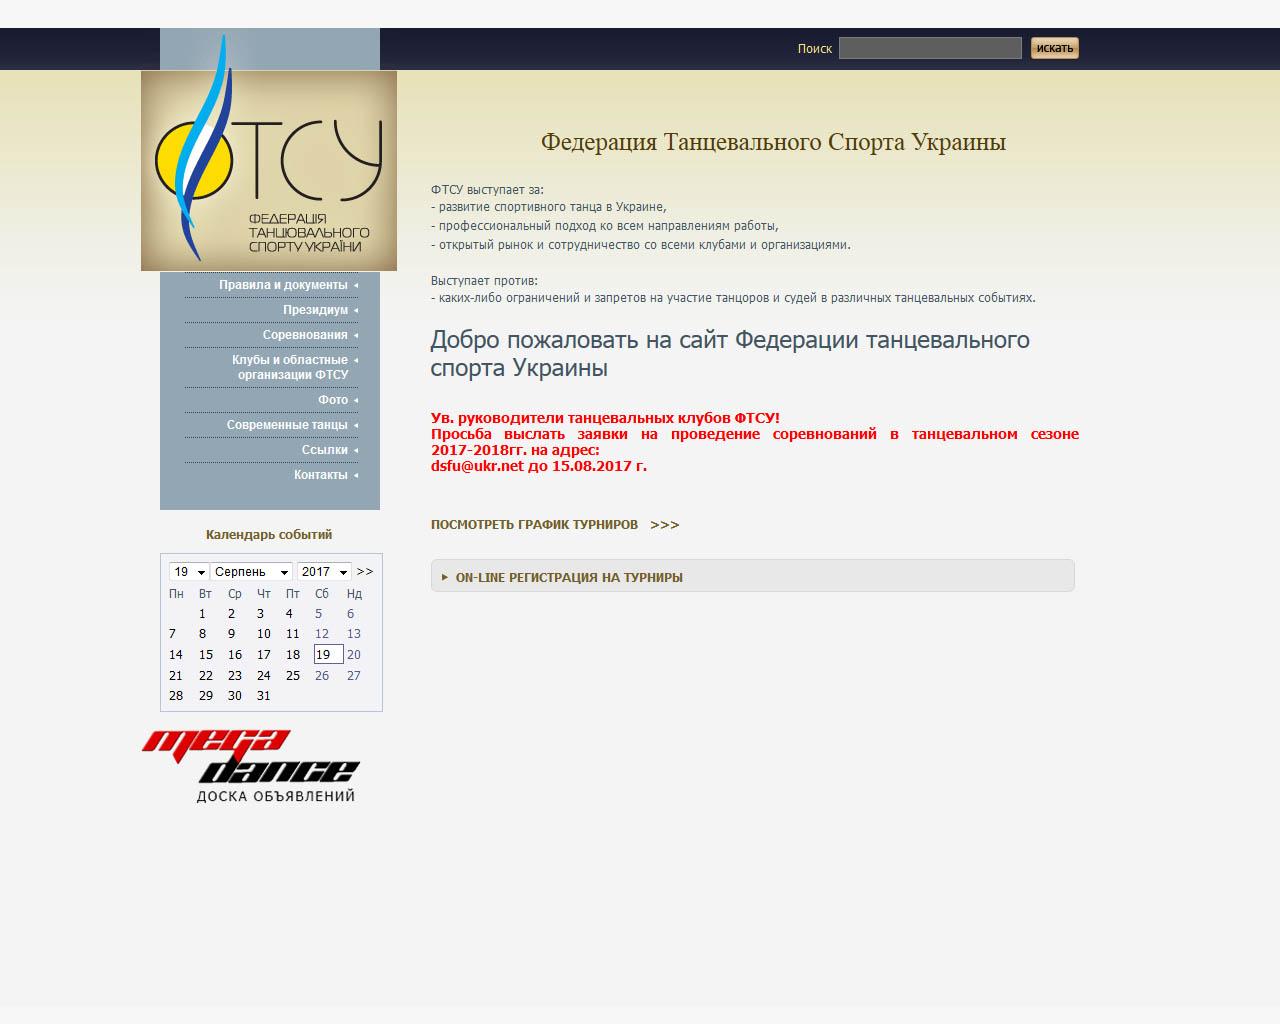 Официальный сайт Федерации Танцевального Спорта Украины